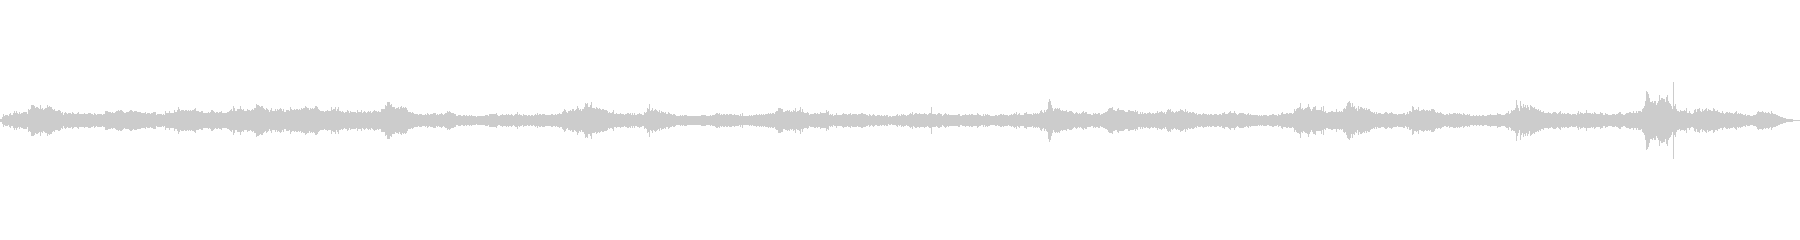 波の音~テトラポット~荒波 遠め【生録】の未再生の波形